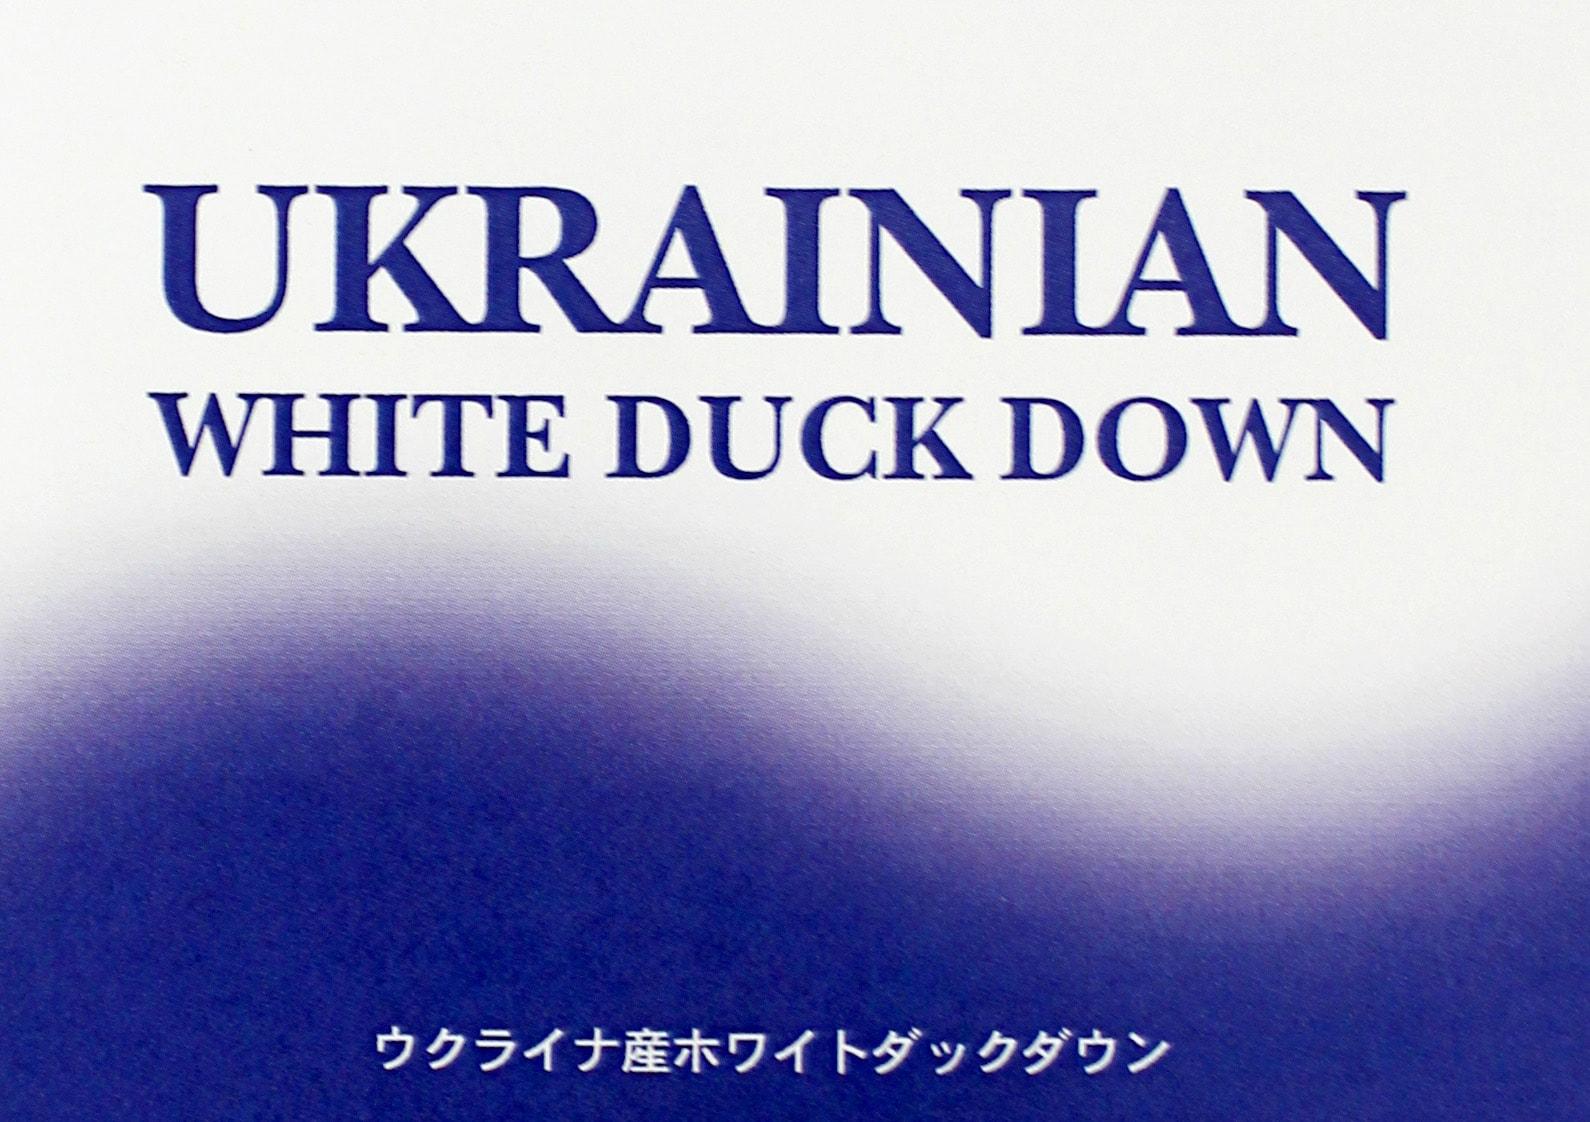 ウクライナダウンのタグ